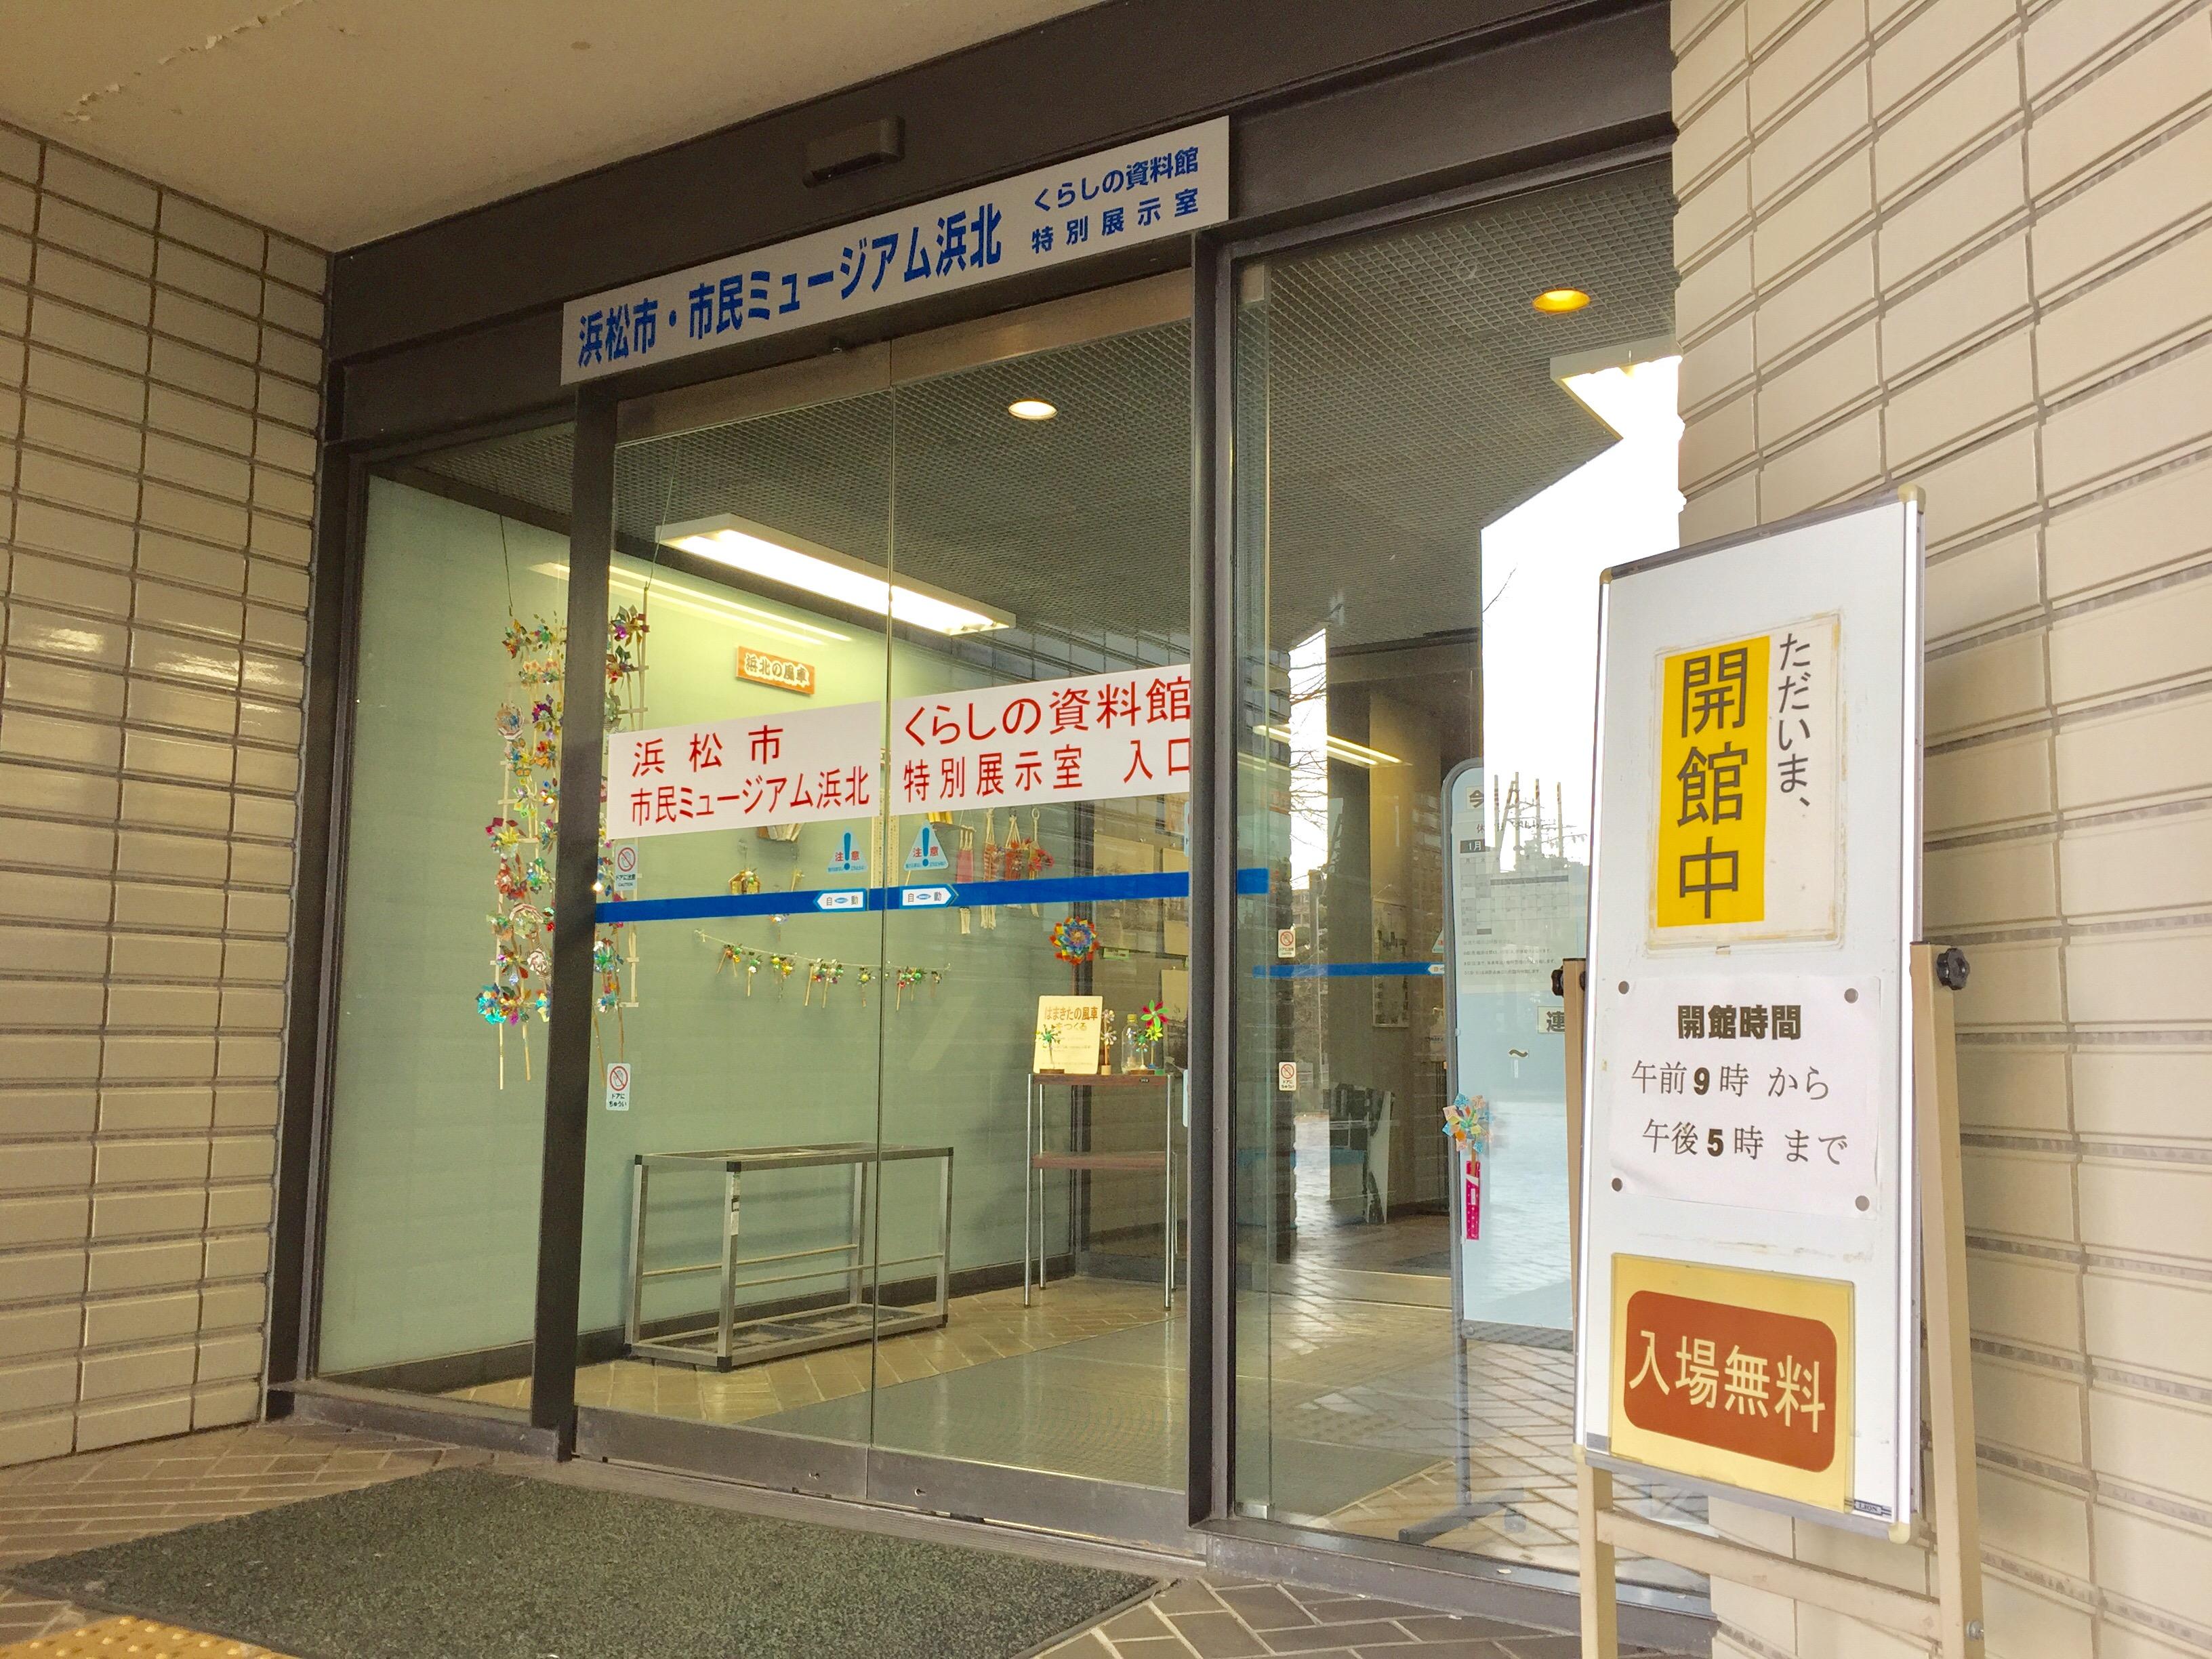 浜北 風車 かざぐるま 浜松市市民ミュージアム浜北